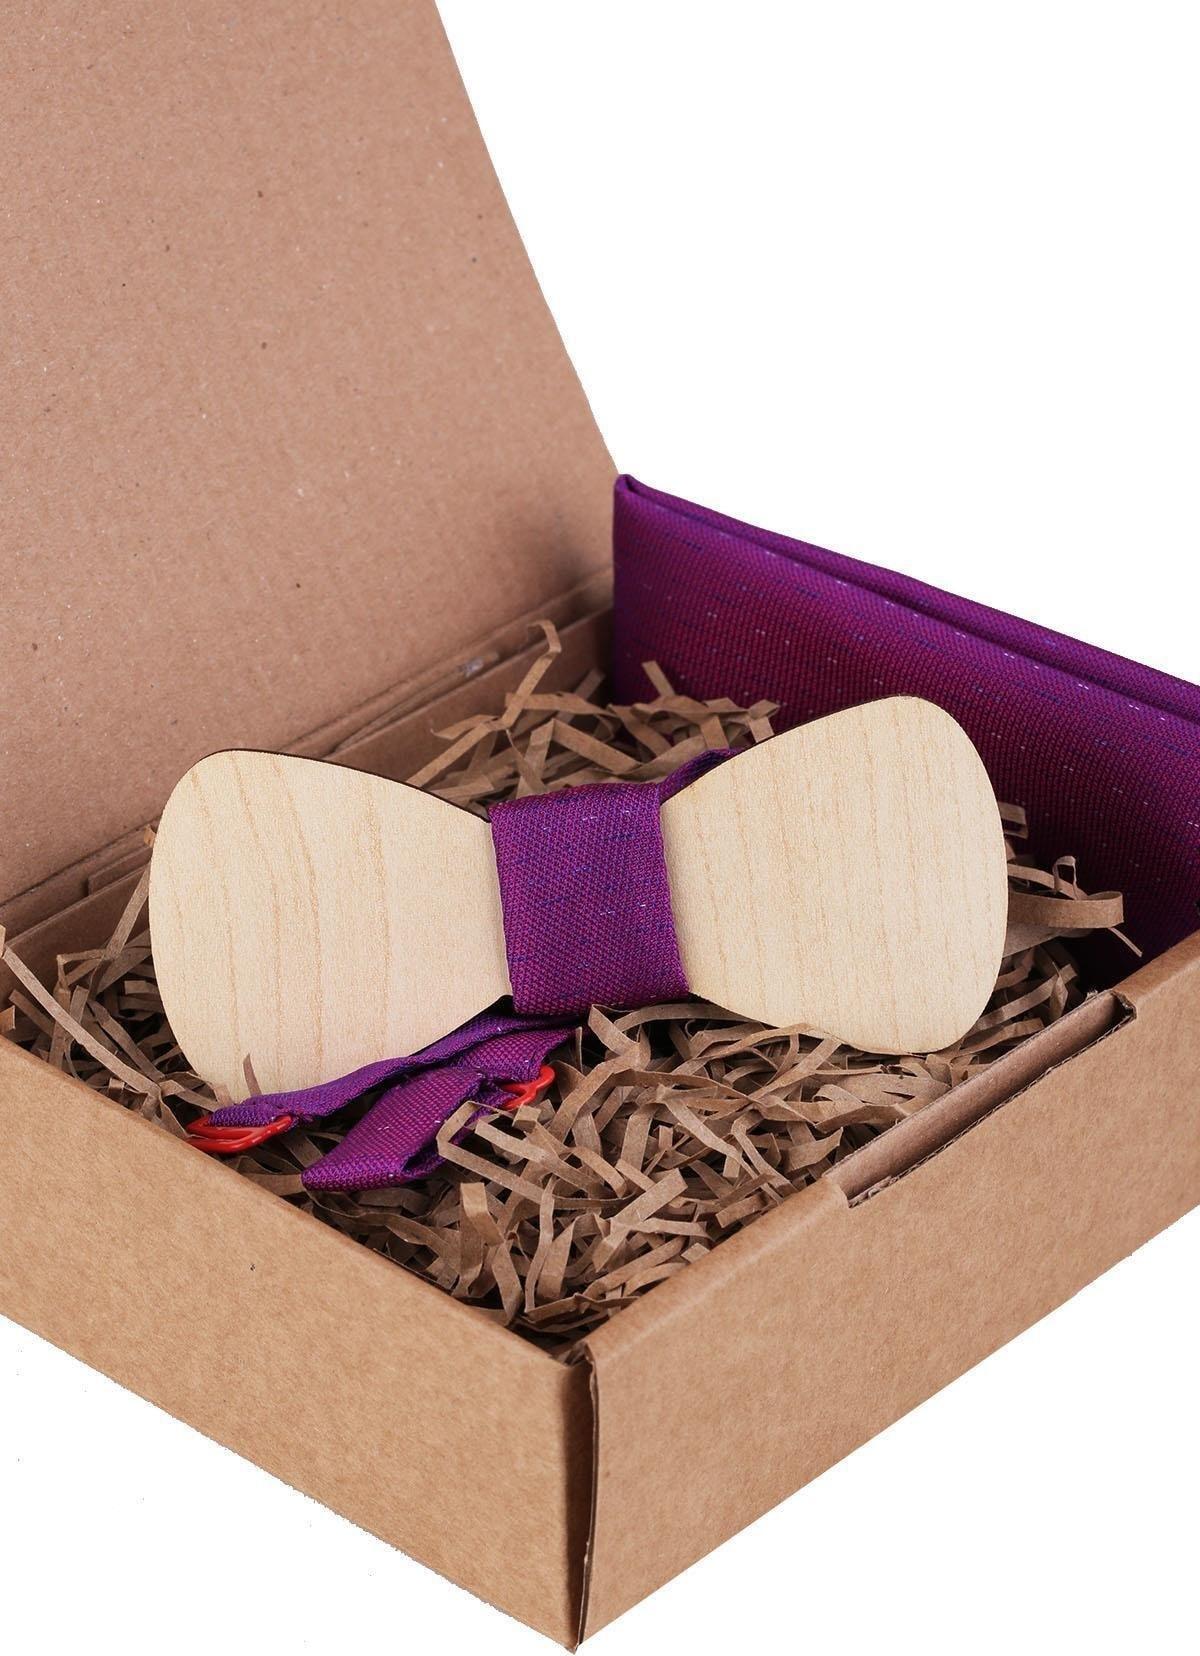 عکس پاپیون چوب ارغوانی برند Kravatkolik کد 1600574702  پاپیون-چوب-ارغوانی-برند-kravatkolik-کد-1600574702